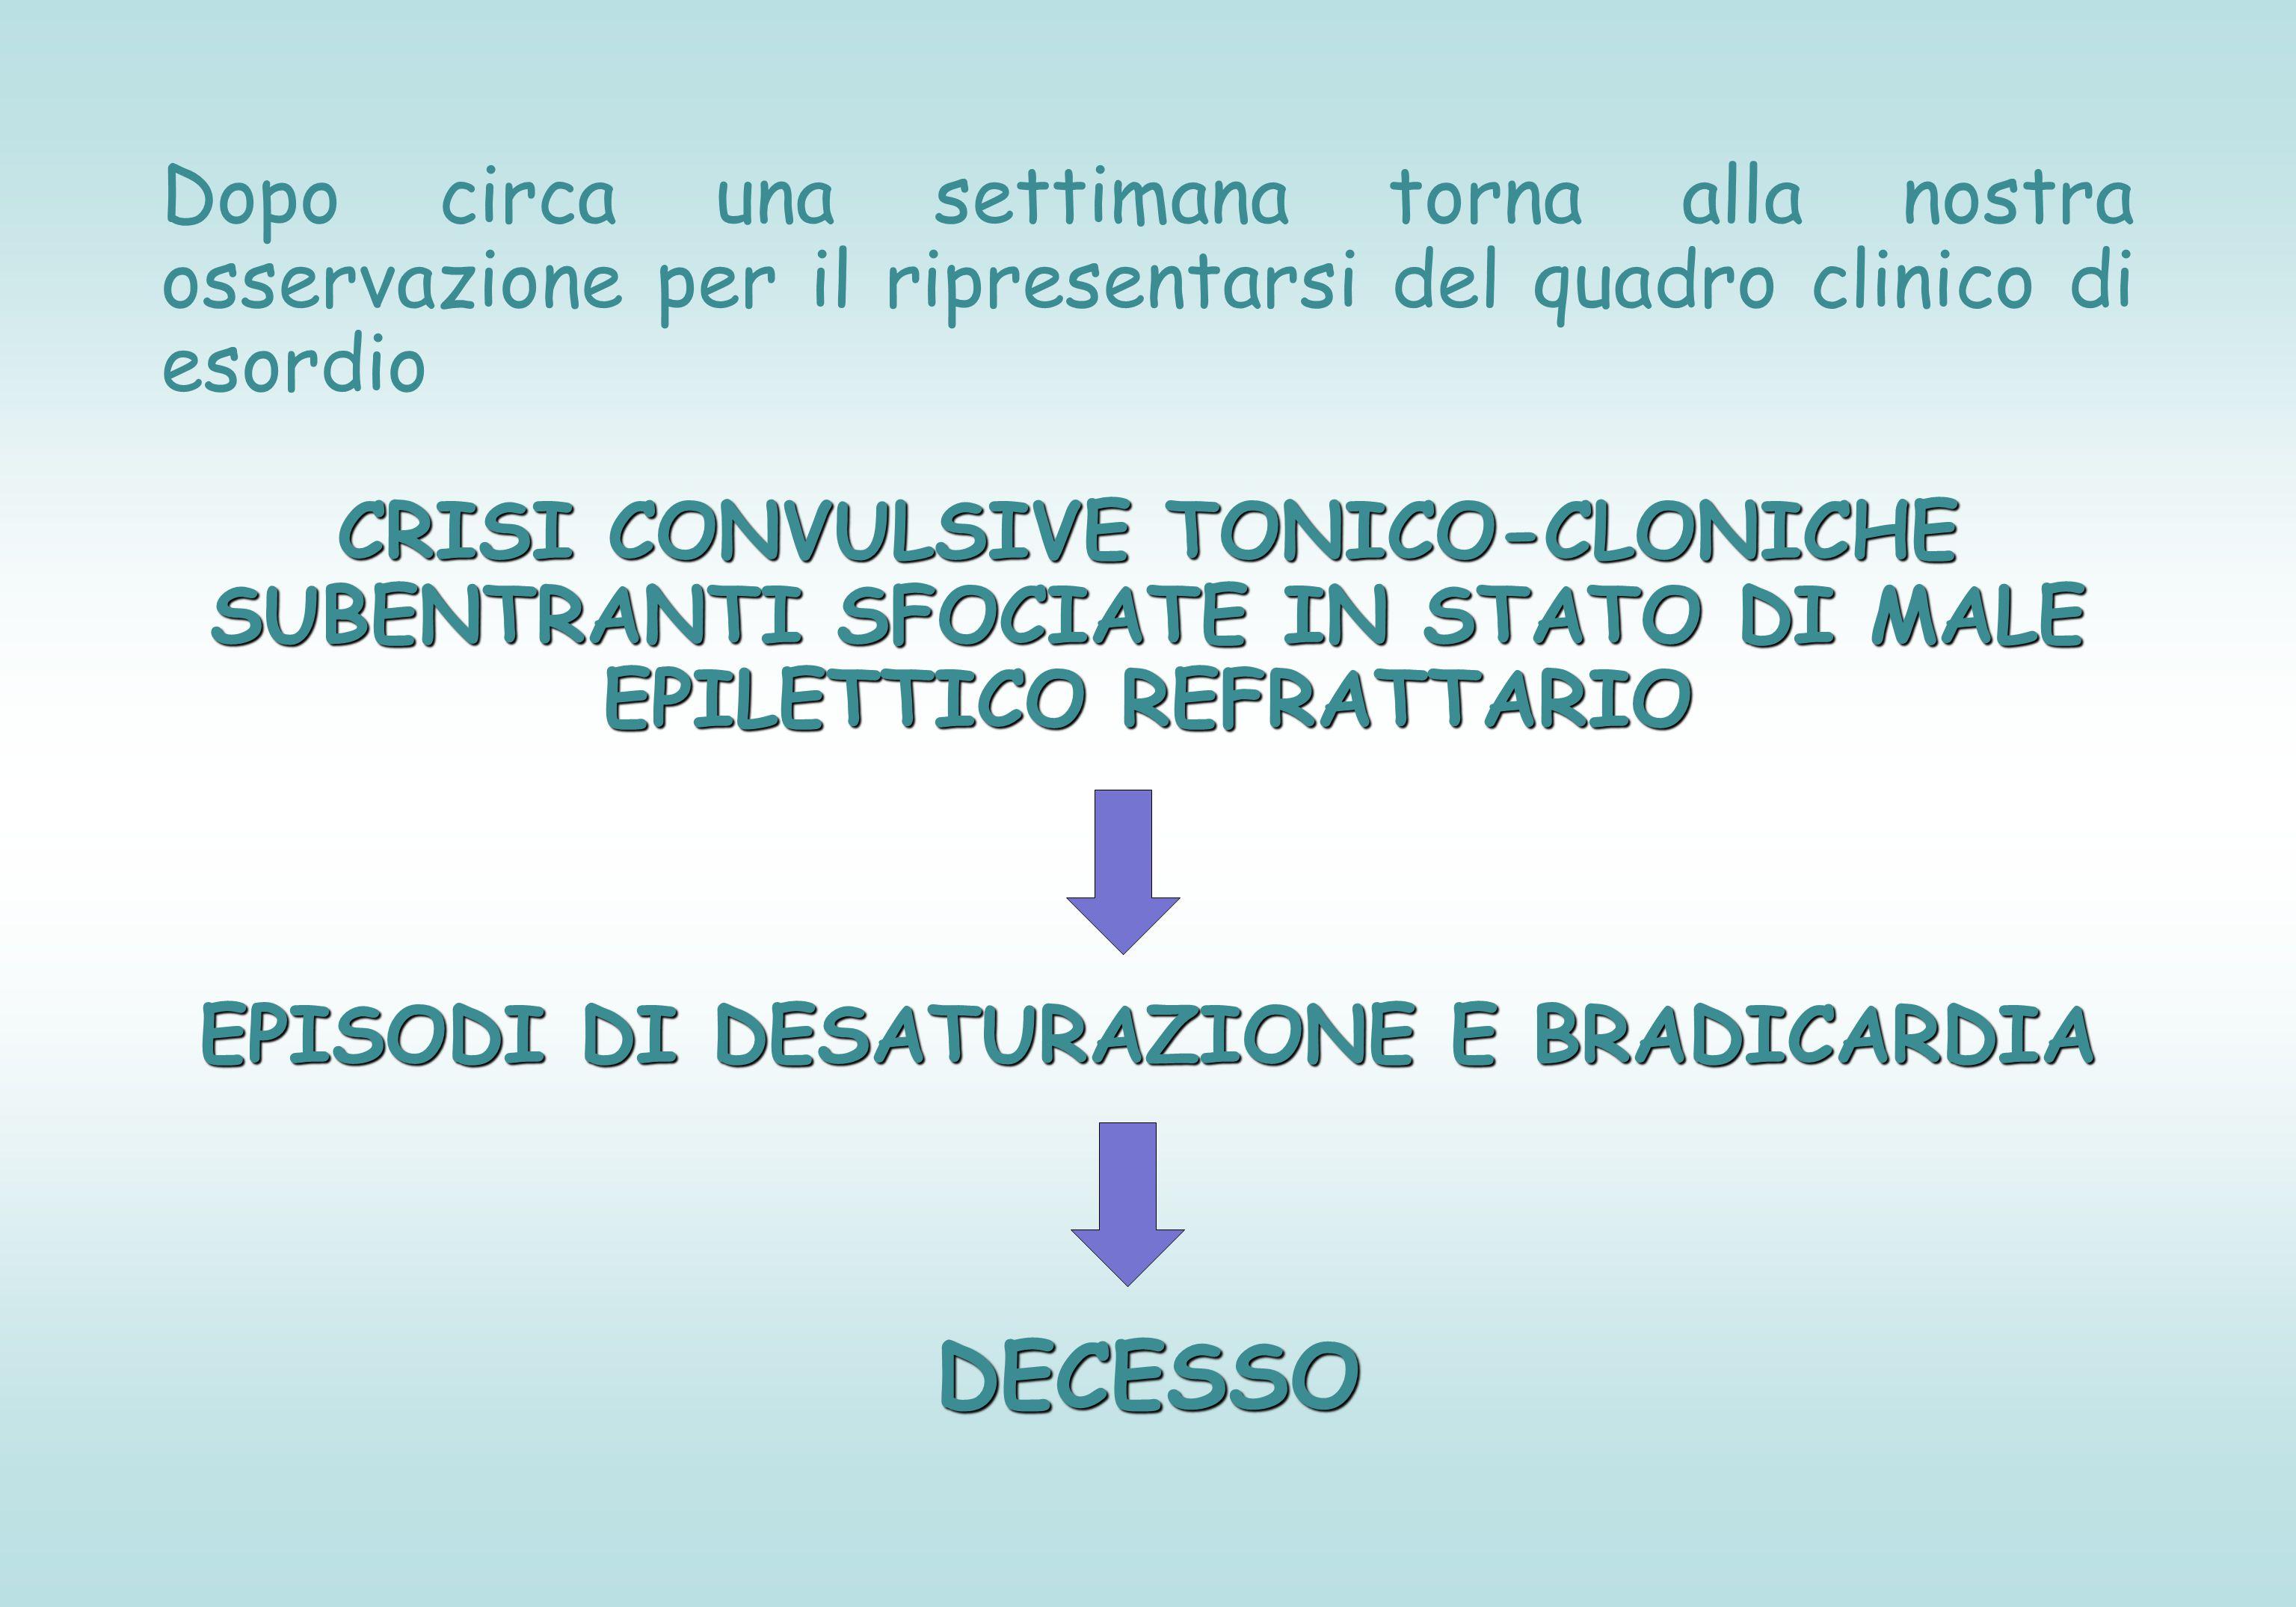 Dopo circa una settimana torna alla nostra osservazione per il ripresentarsi del quadro clinico di esordio CRISI CONVULSIVE TONICO-CLONICHE SUBENTRANTI SFOCIATE IN STATO DI MALE EPILETTICO REFRATTARIO EPISODI DI DESATURAZIONE E BRADICARDIA DECESSO